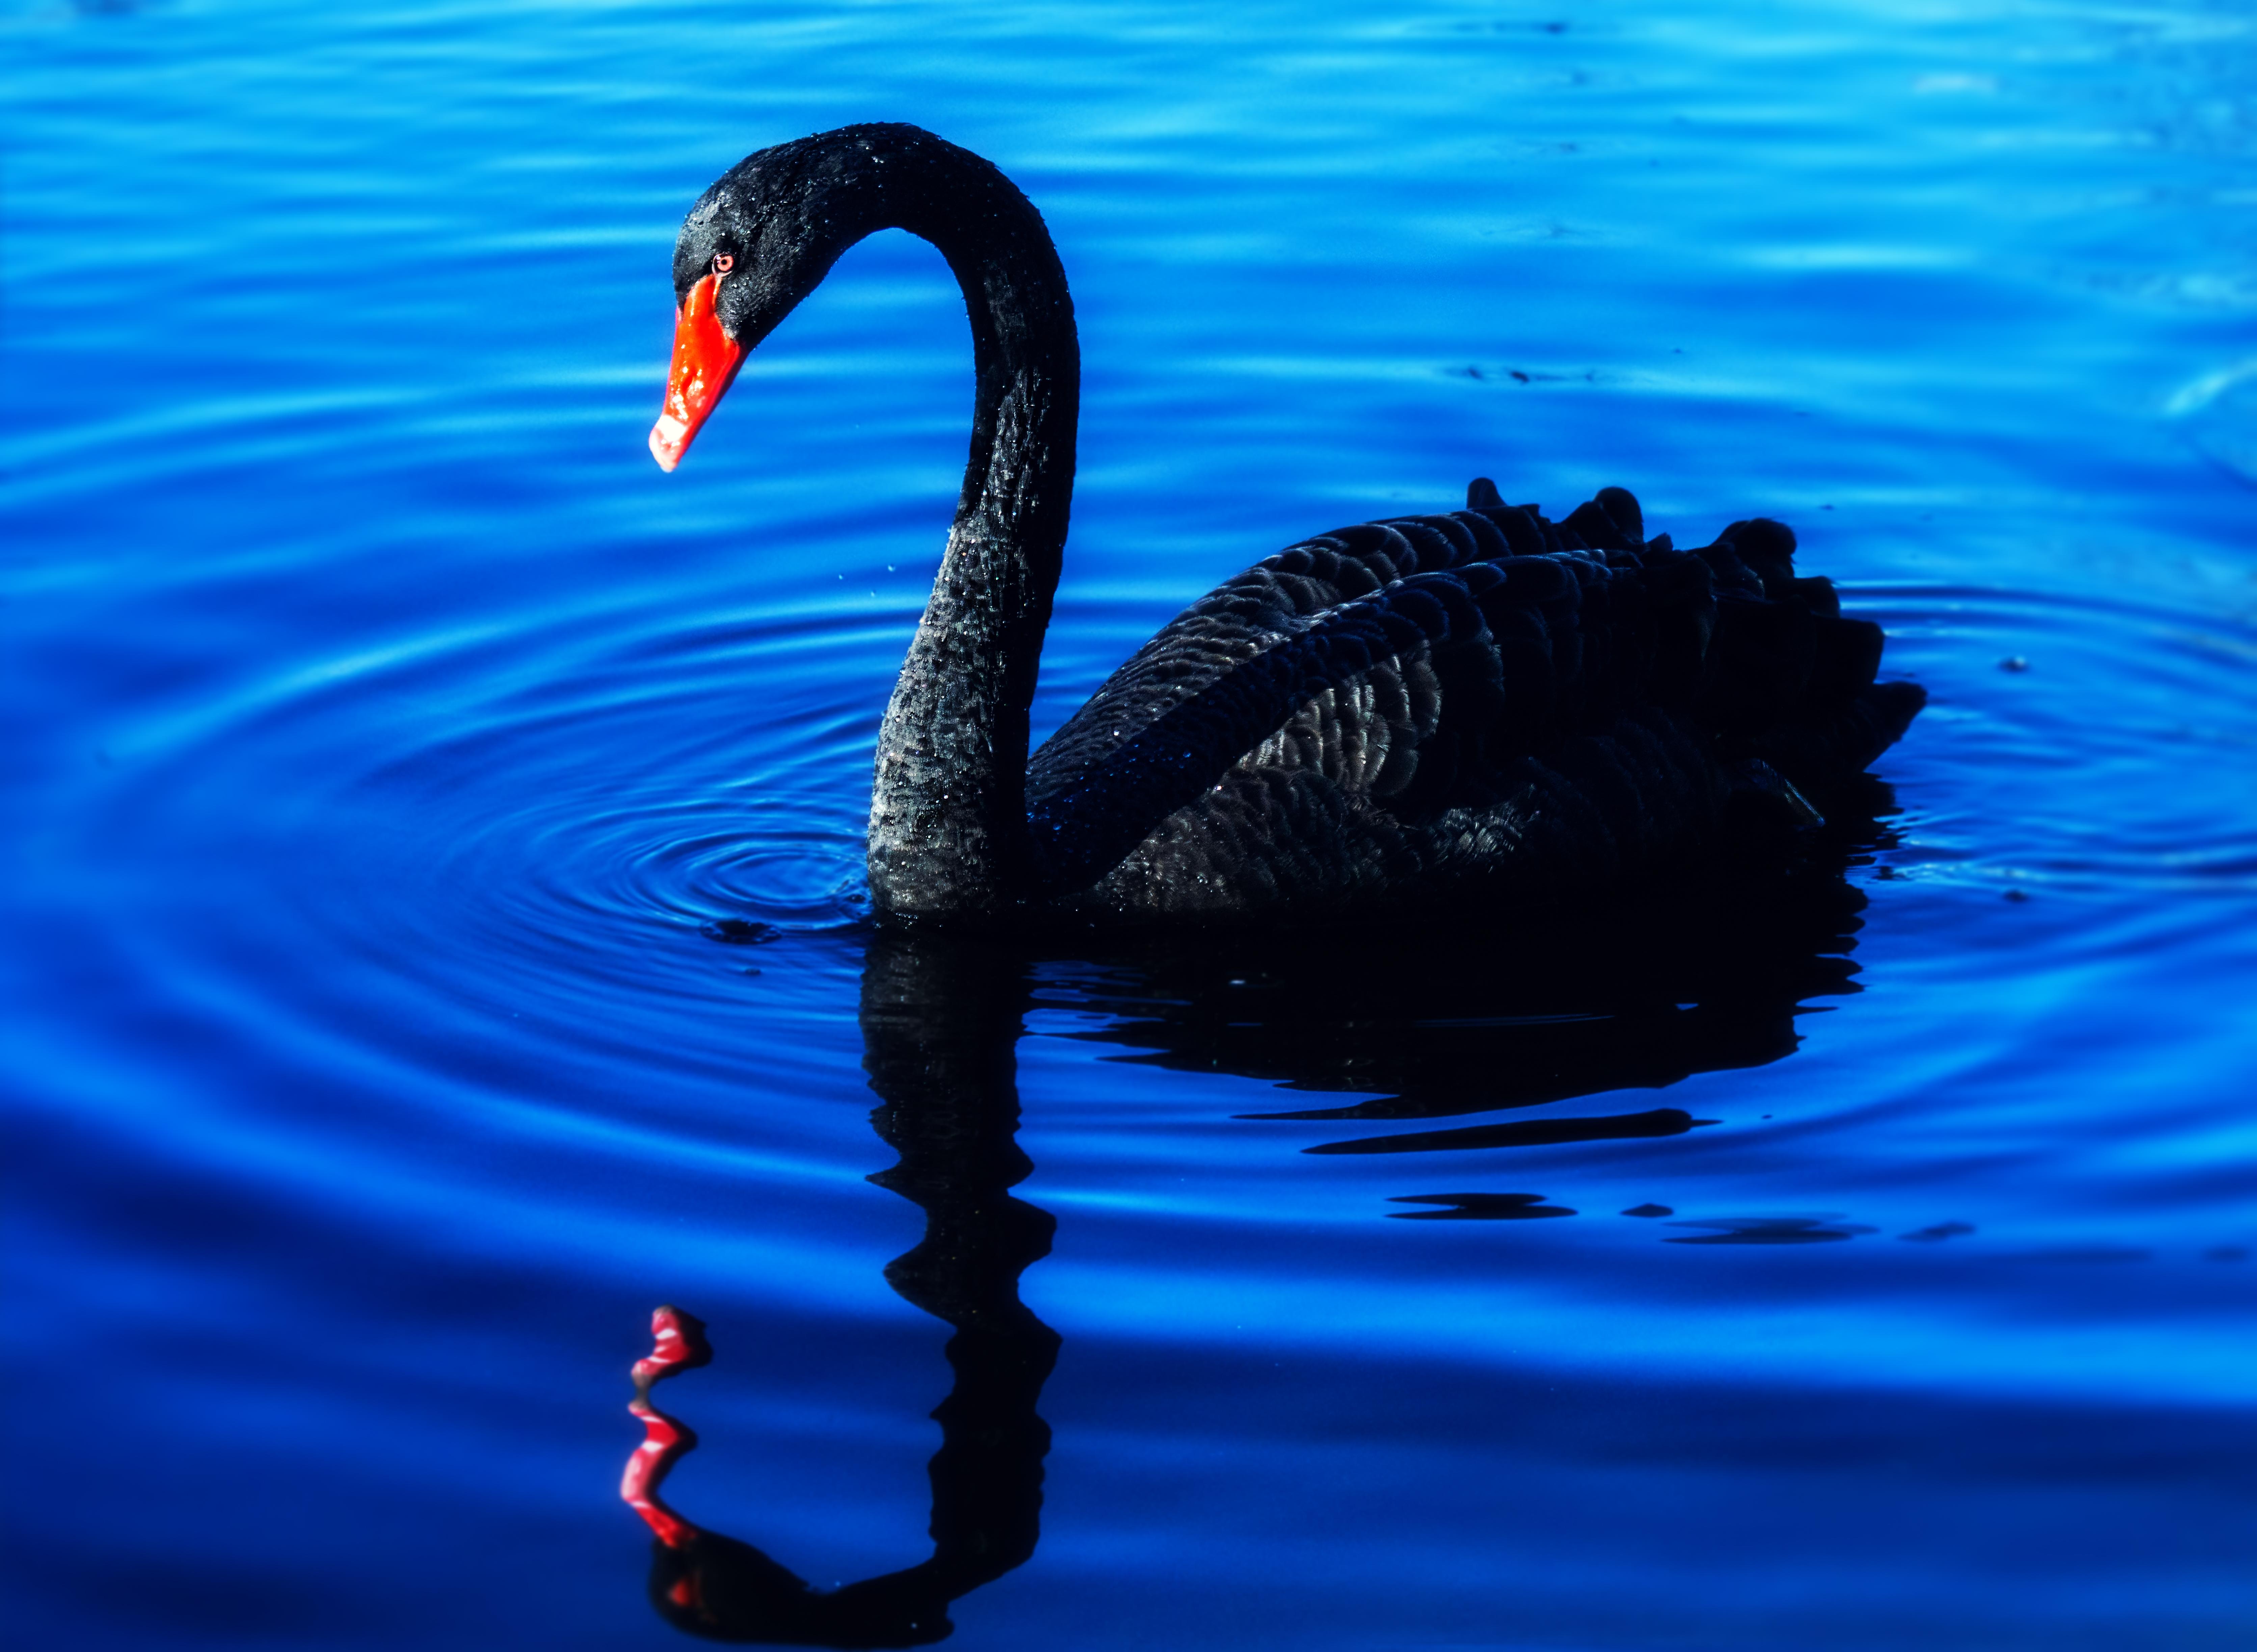 взрослые черные лебеди фото красивые делать надо, сегодня